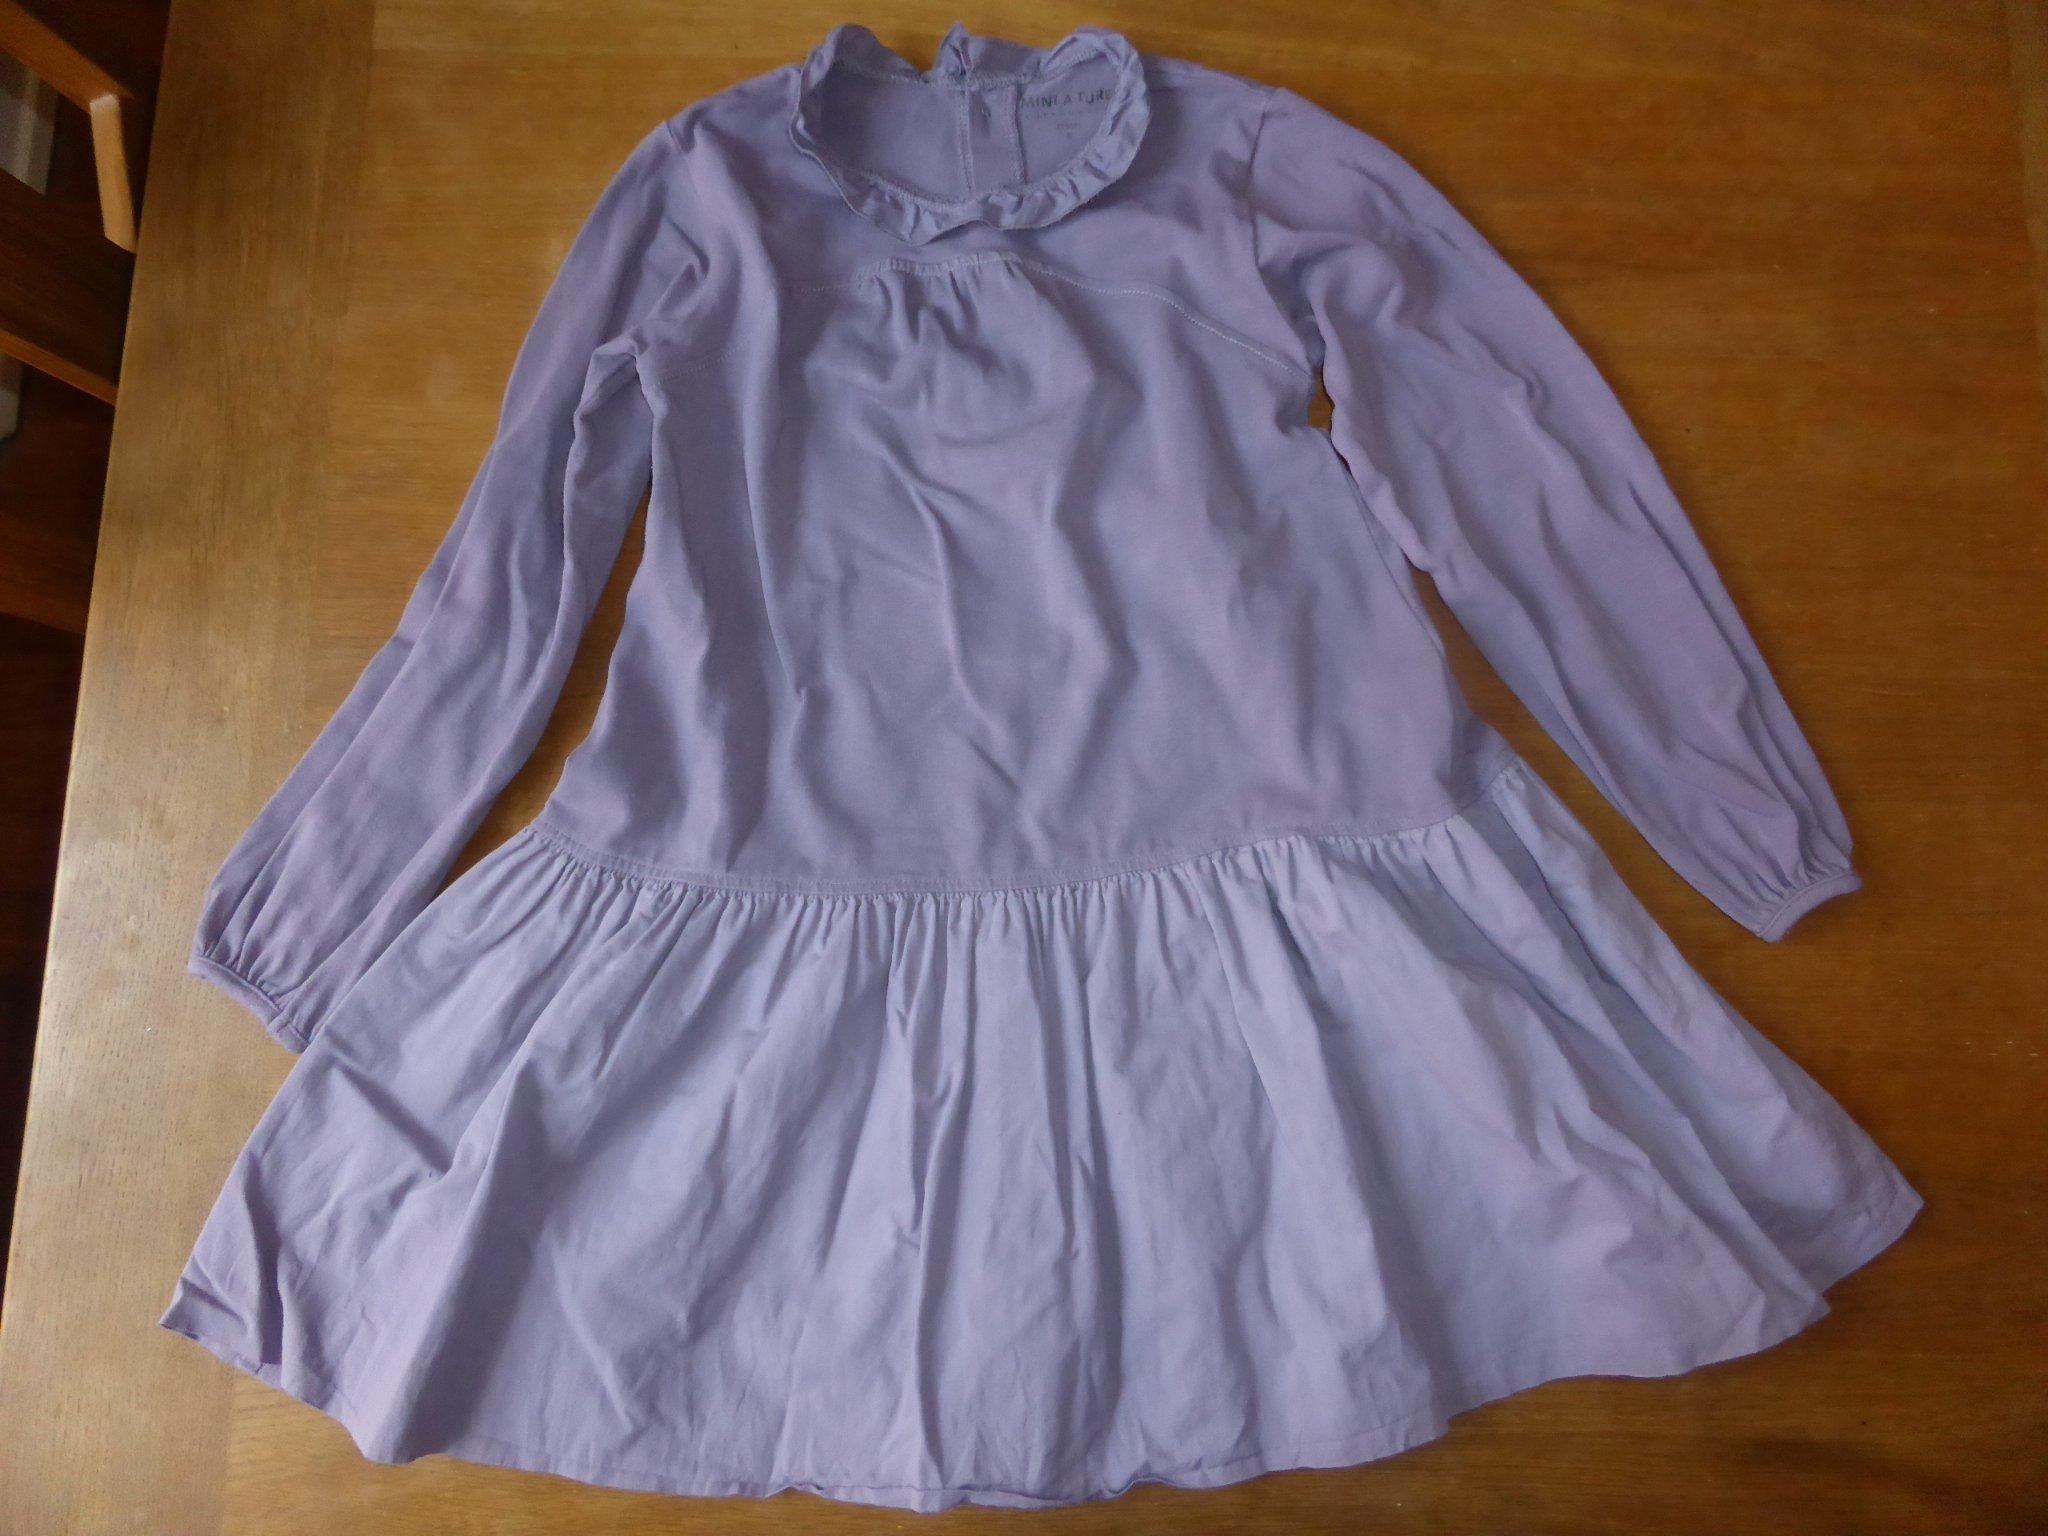 86adf2dfa505 Mycket fin lila klänning kalasklänning från MINI A TURE MINIATURE i stl 116  ...